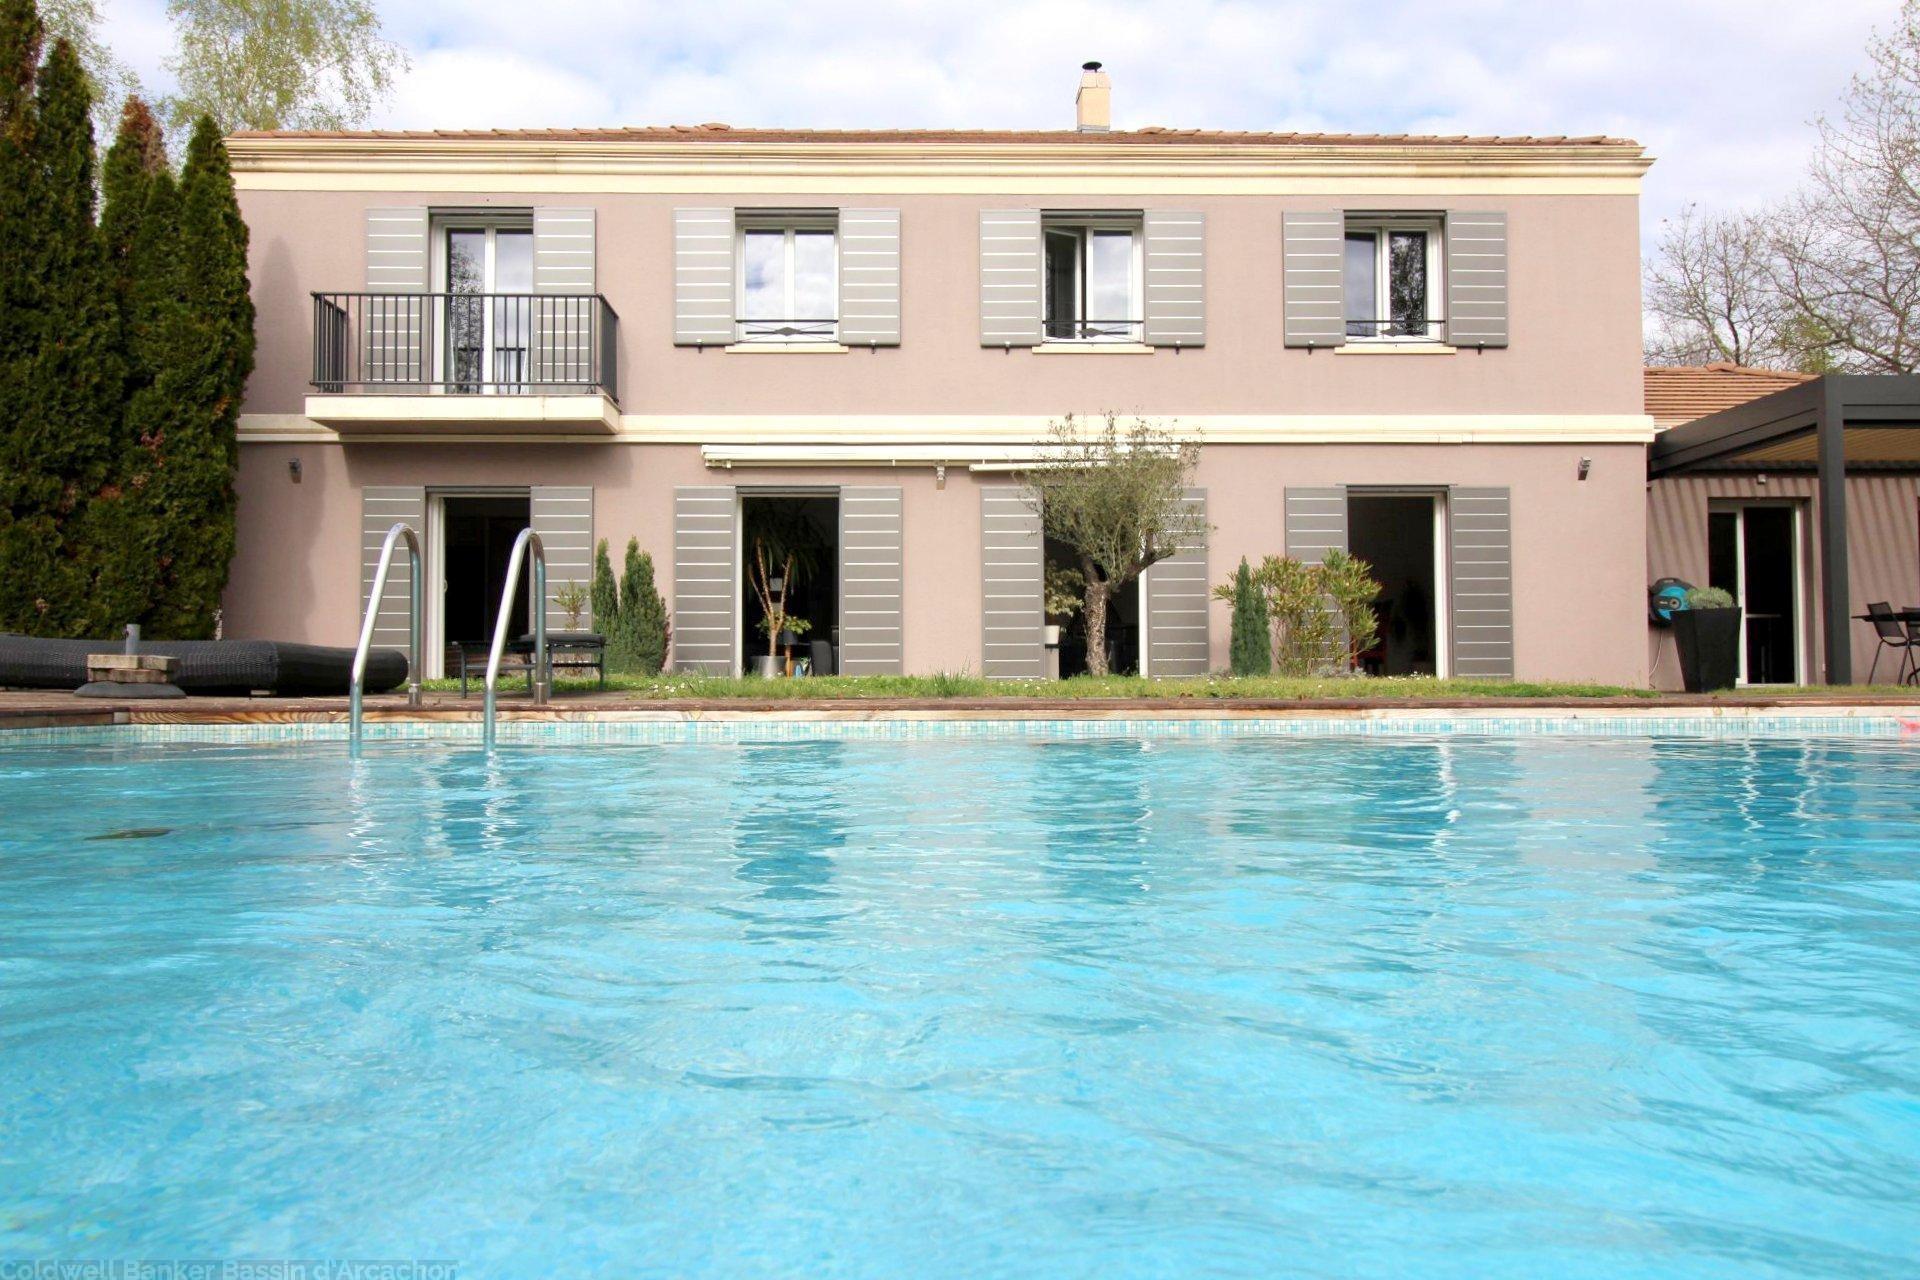 Vente maison villa bordeaux pessac grande propri t sur for Piscine en limite propriete sur petit terrain